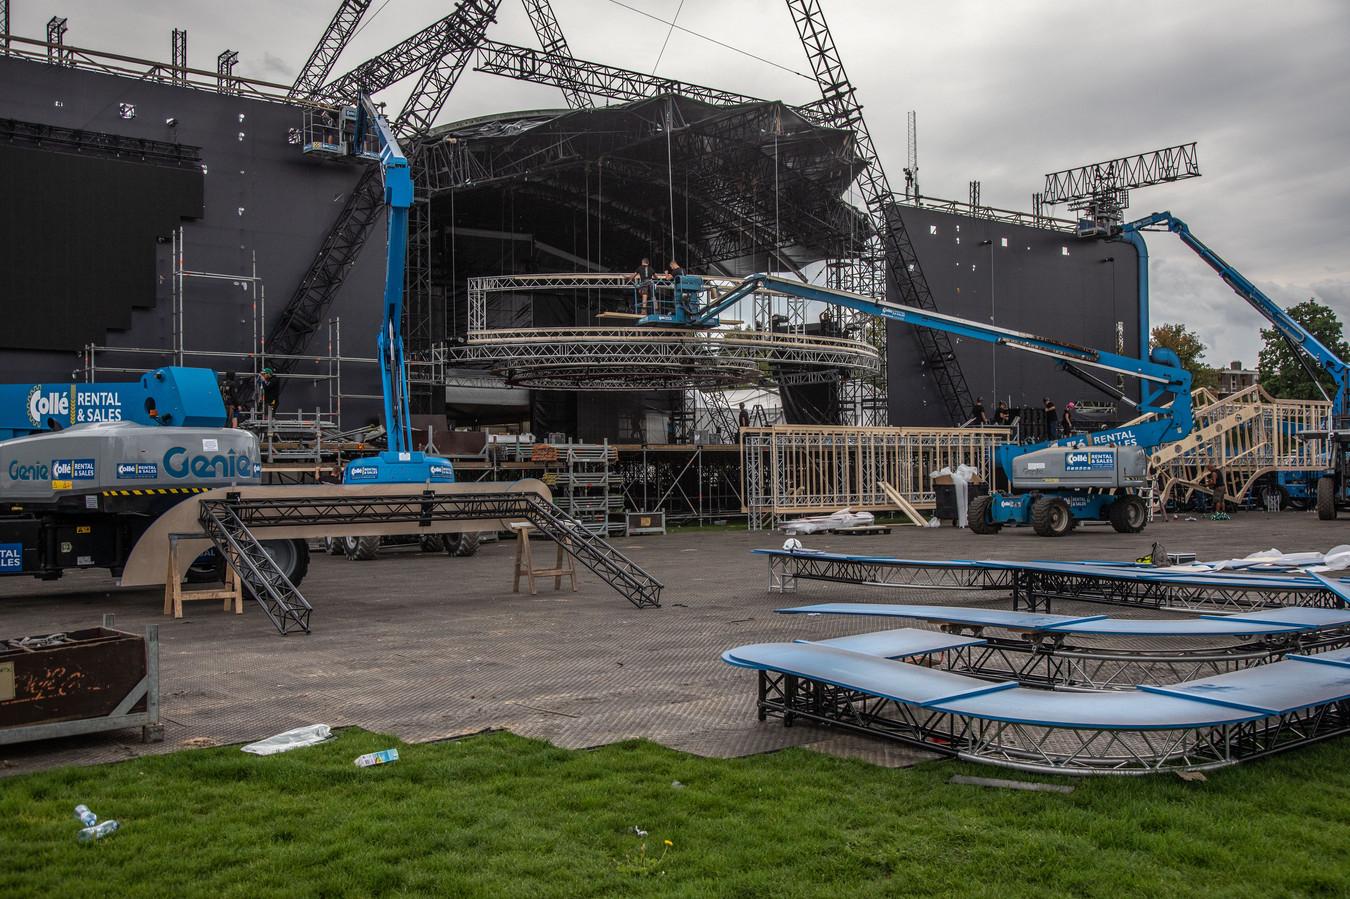 De opbouw voor het Amstel-festijn is al dagen volop aan de gang. De politiestaking gooit geen roet in het eten.